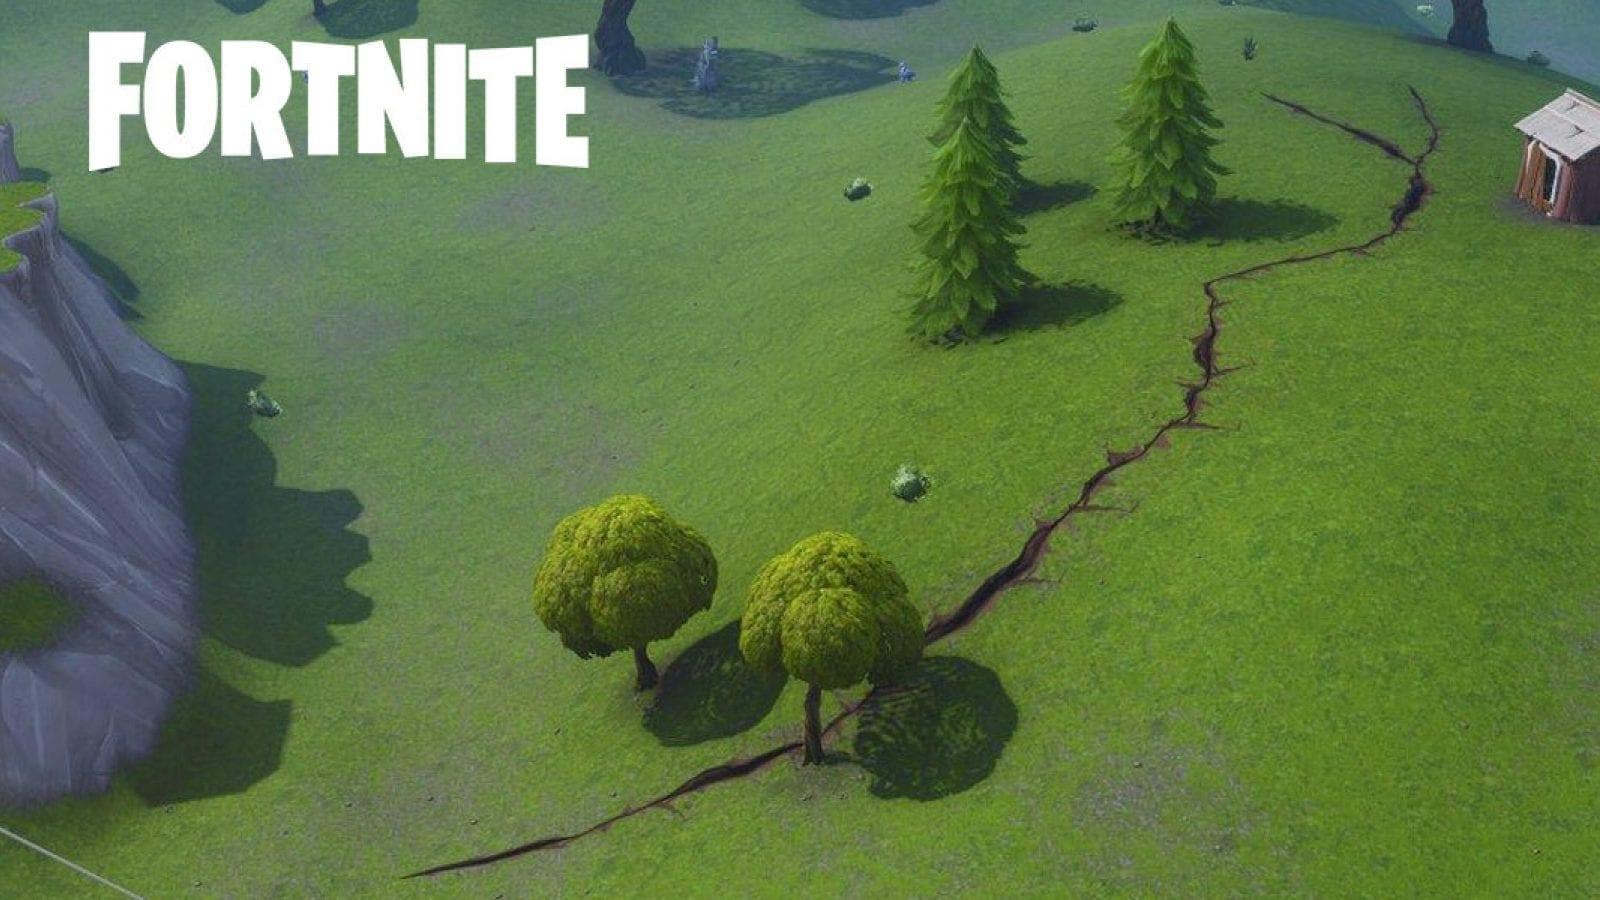 fortnite-season-8-earthquake